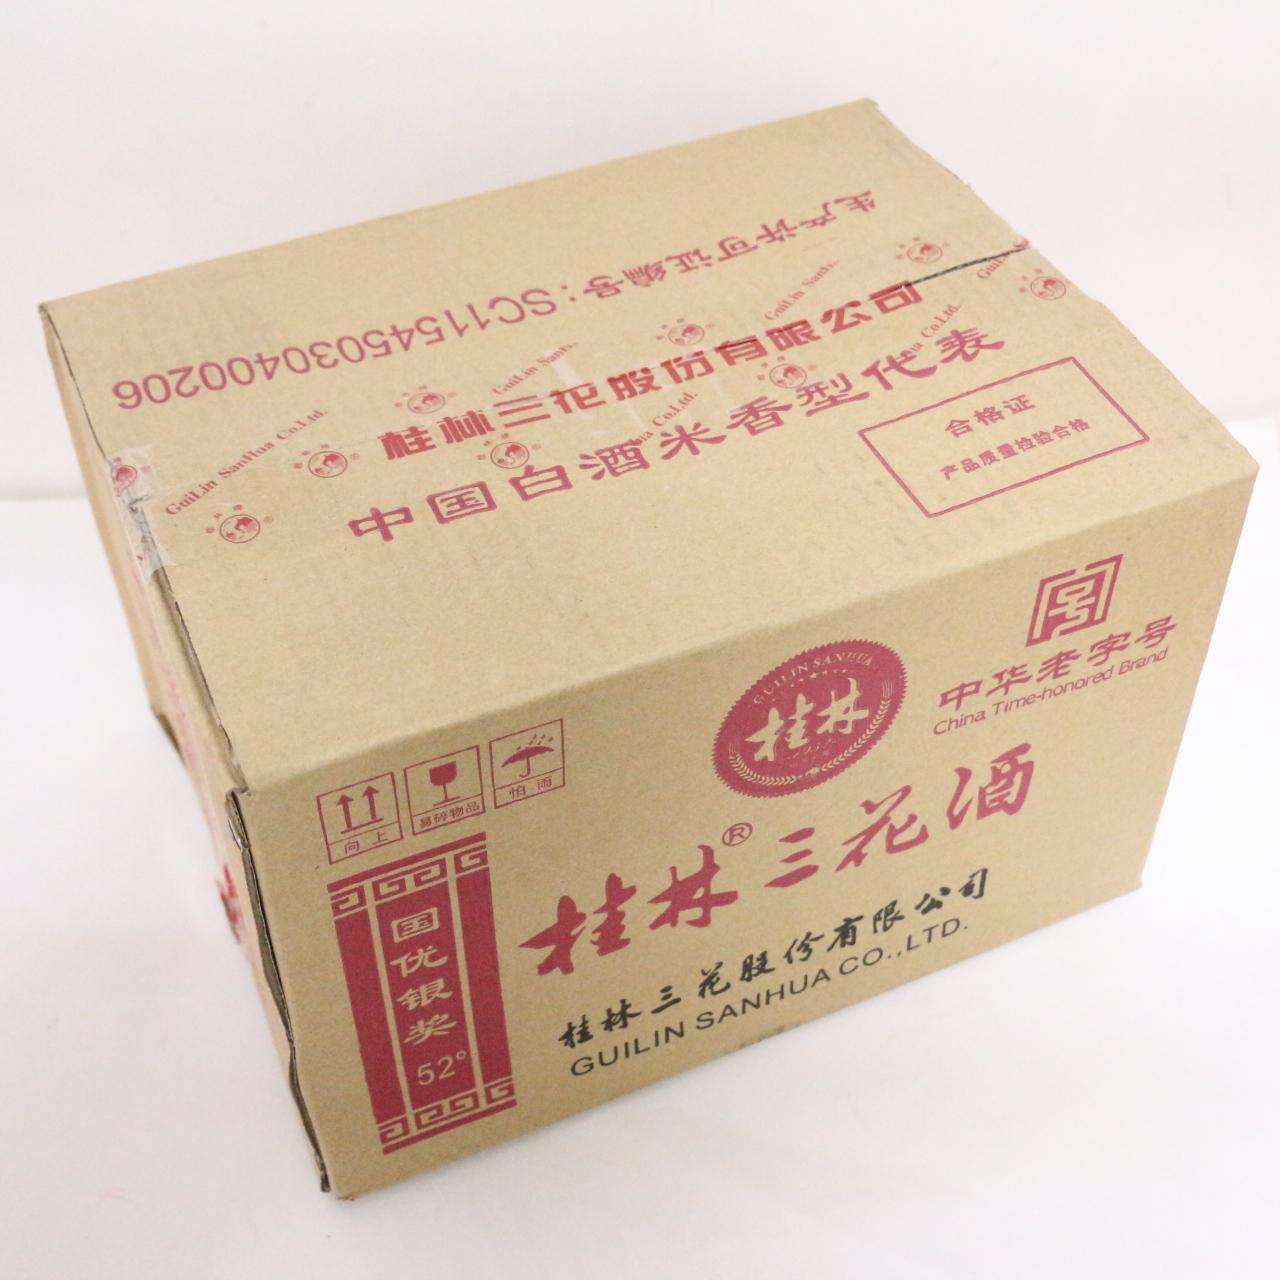 52 度三花酒大米酿造米香型酒老桂林洞藏整箱包邮 广西桂林特产三宝